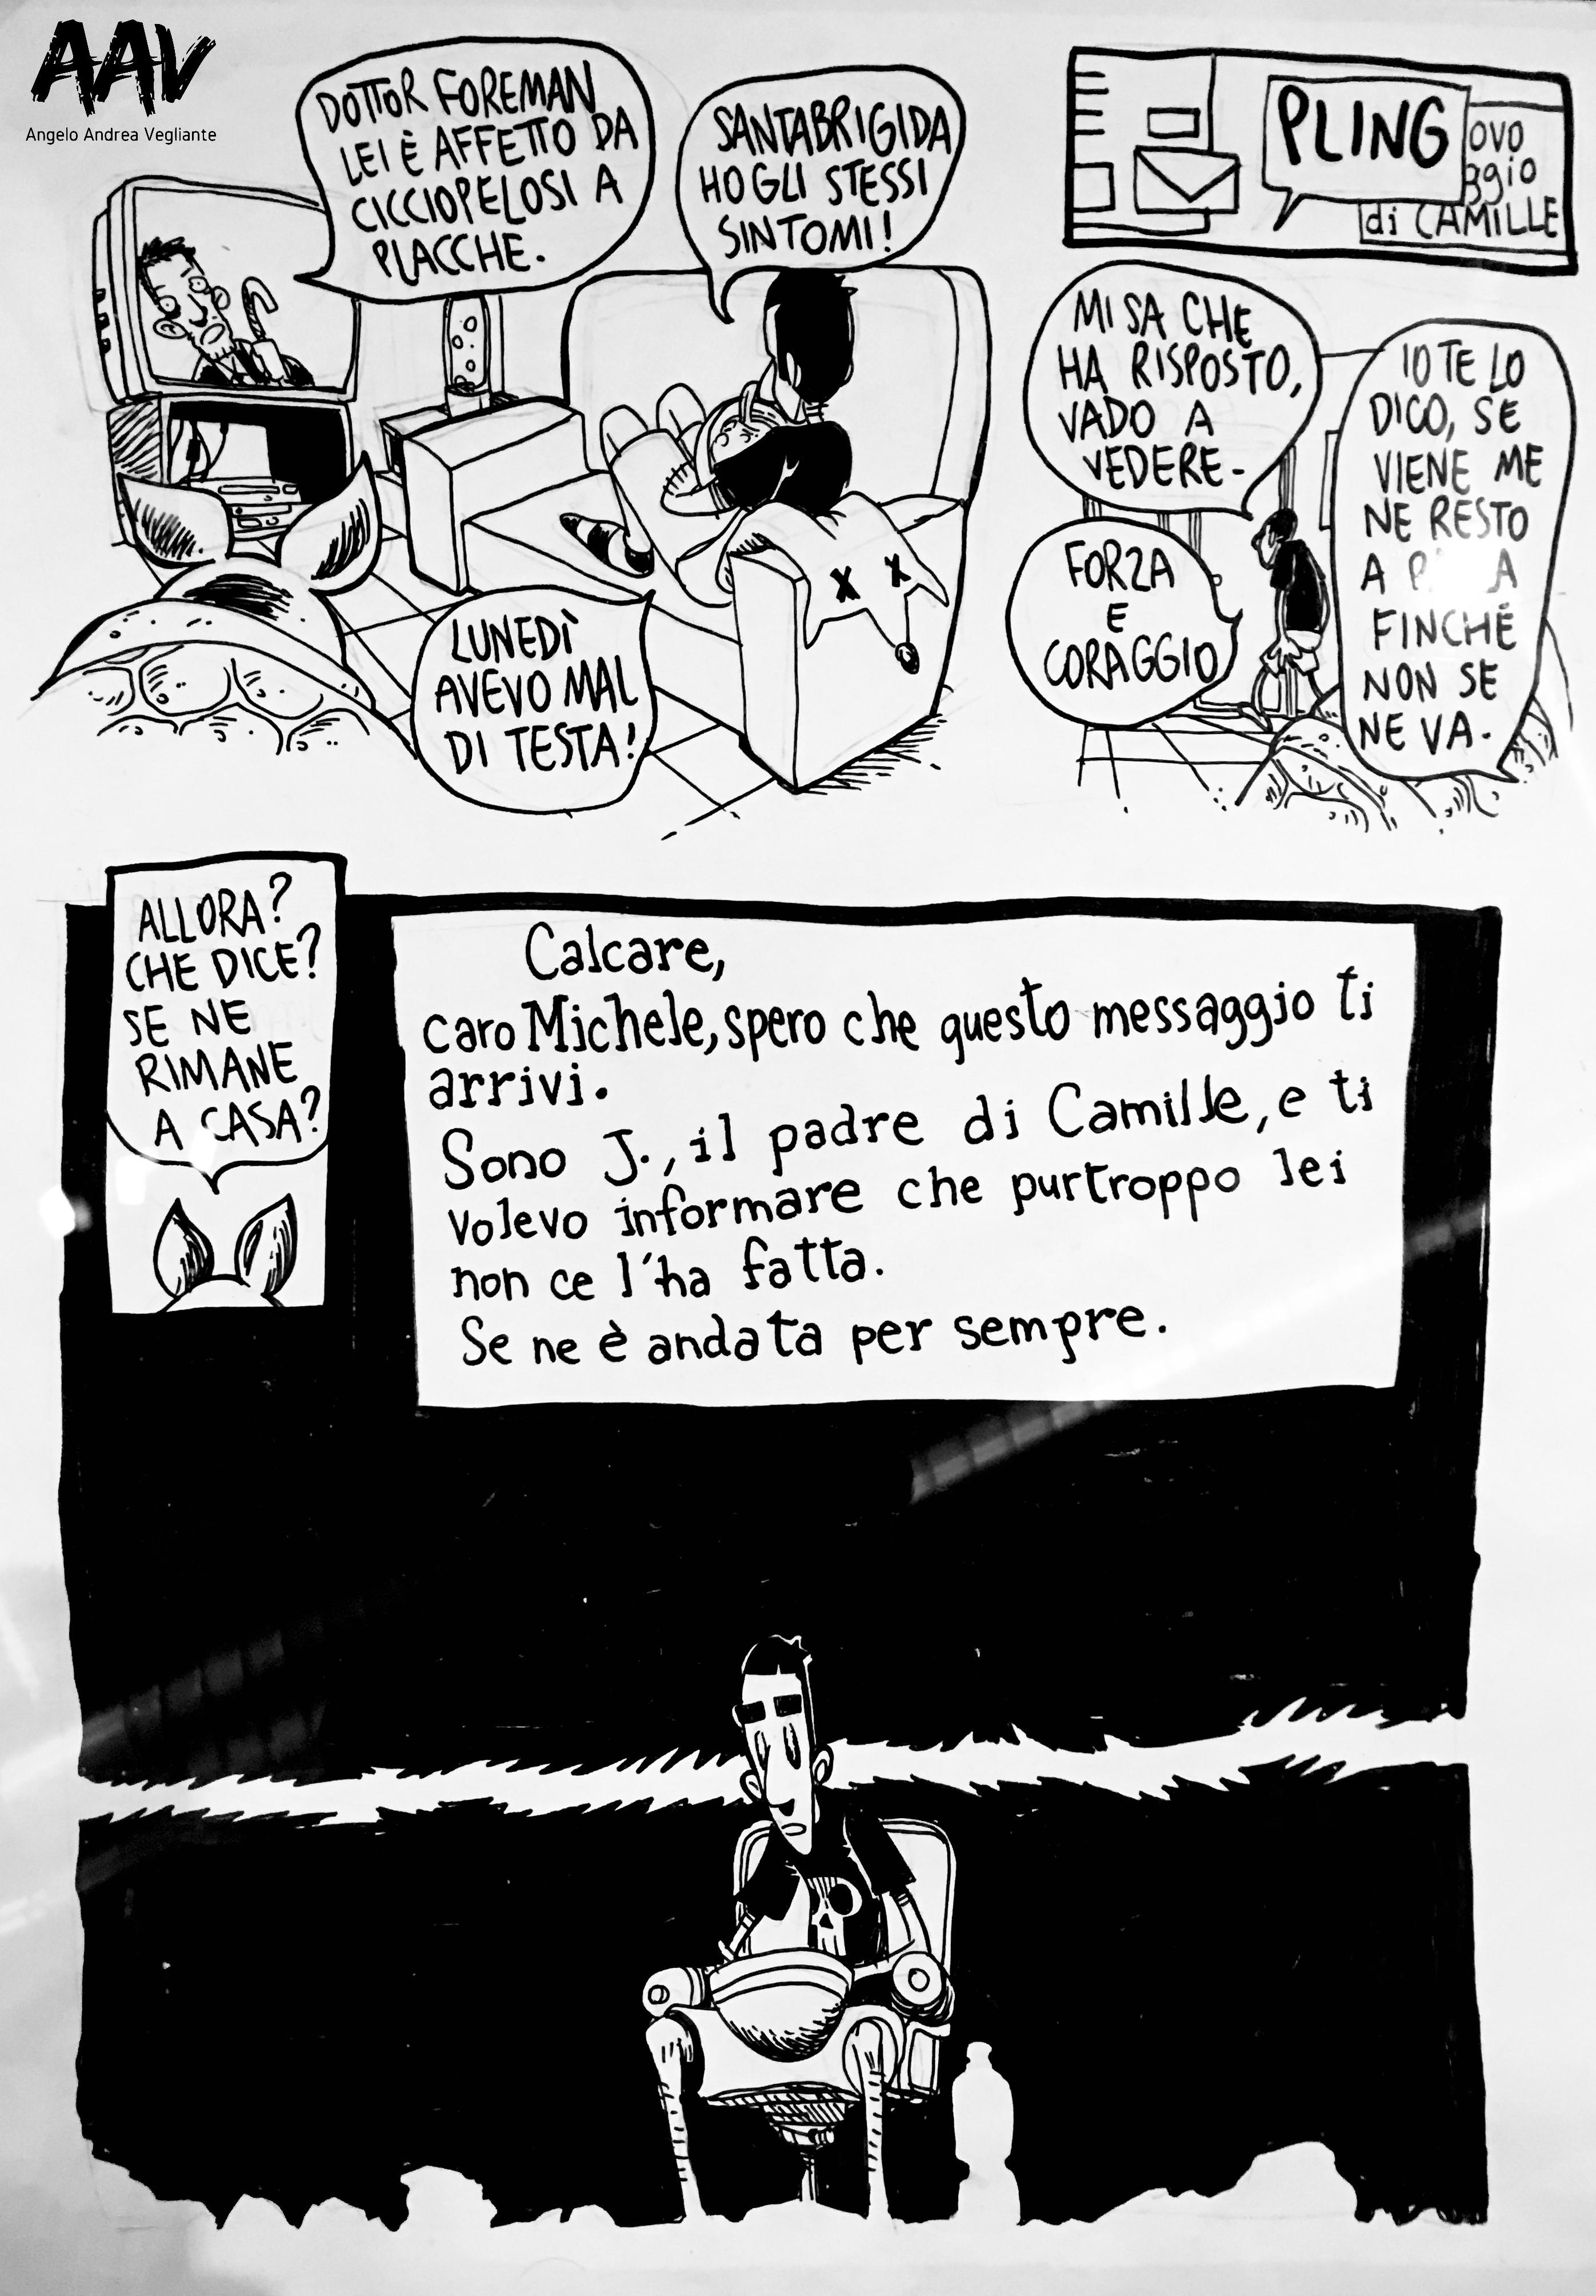 zerocalcare-mostra-MAXXI-Roma-scavare fossati nutrire coccodrilli-fumetto-angelo andrea vegliante-colui che veglia-colui che mostra-tavola-morte